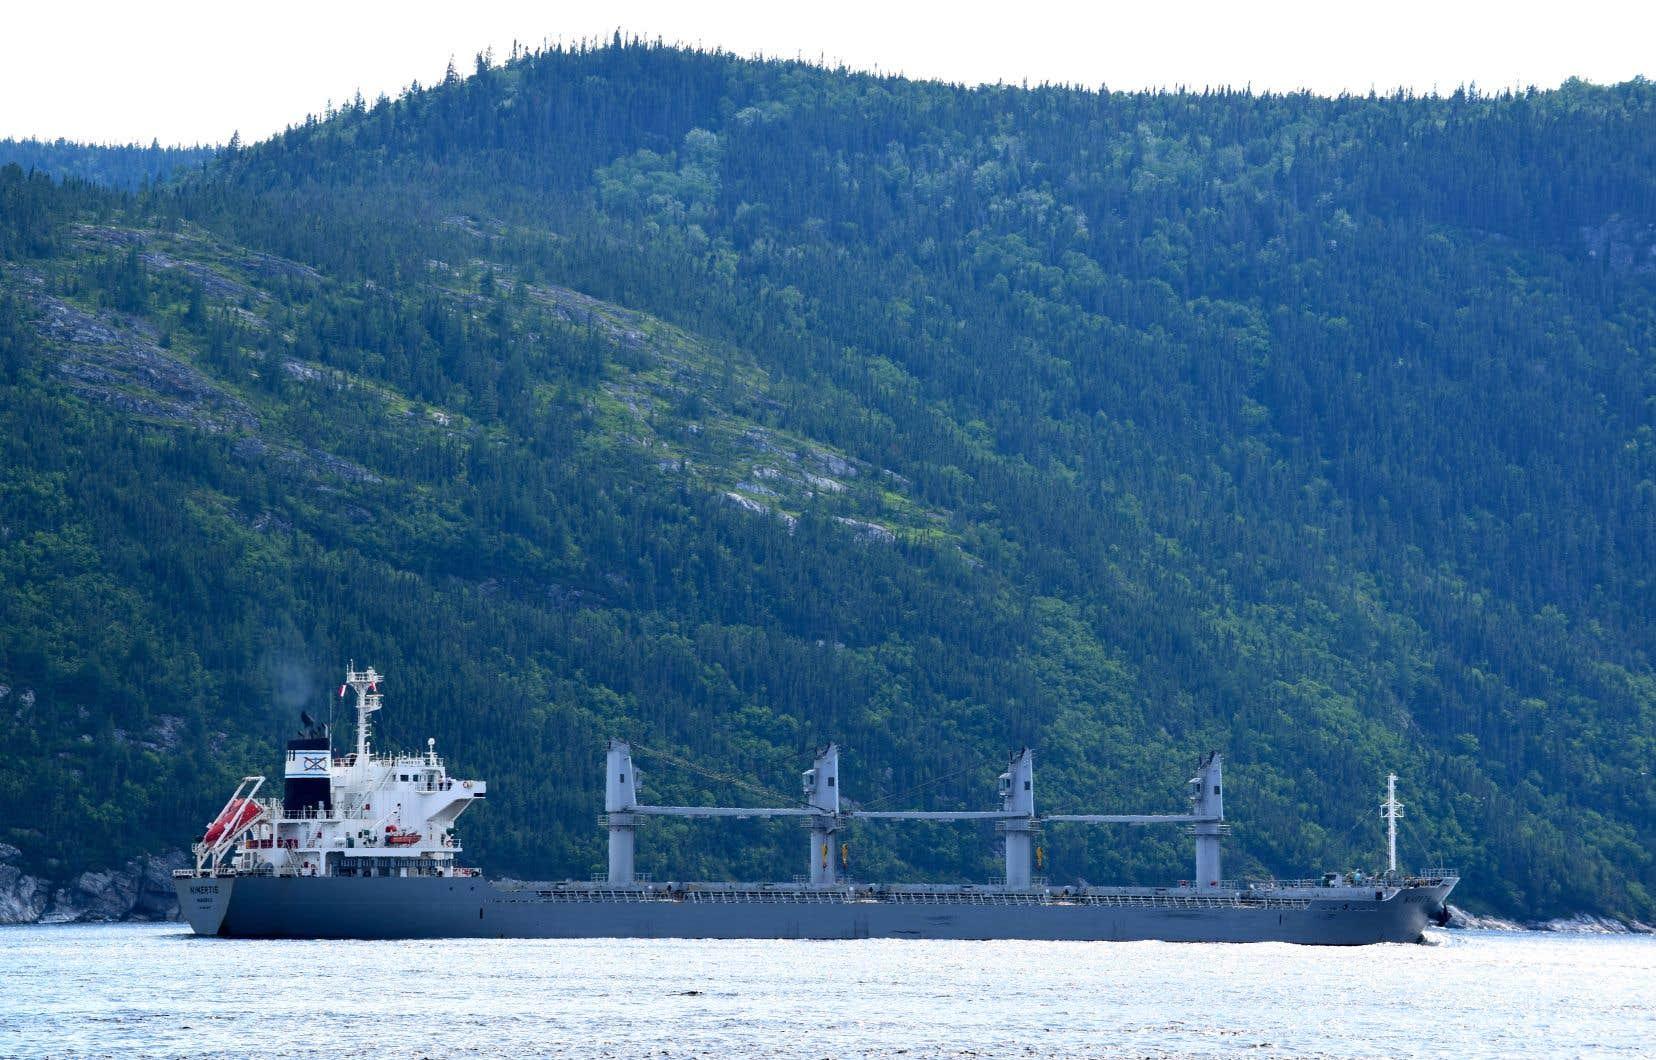 Le projet Arianne Phosphate doit entraîner une hausse importante du transport maritime commercial dans le parc marin du Saguenay–Saint-Laurent.